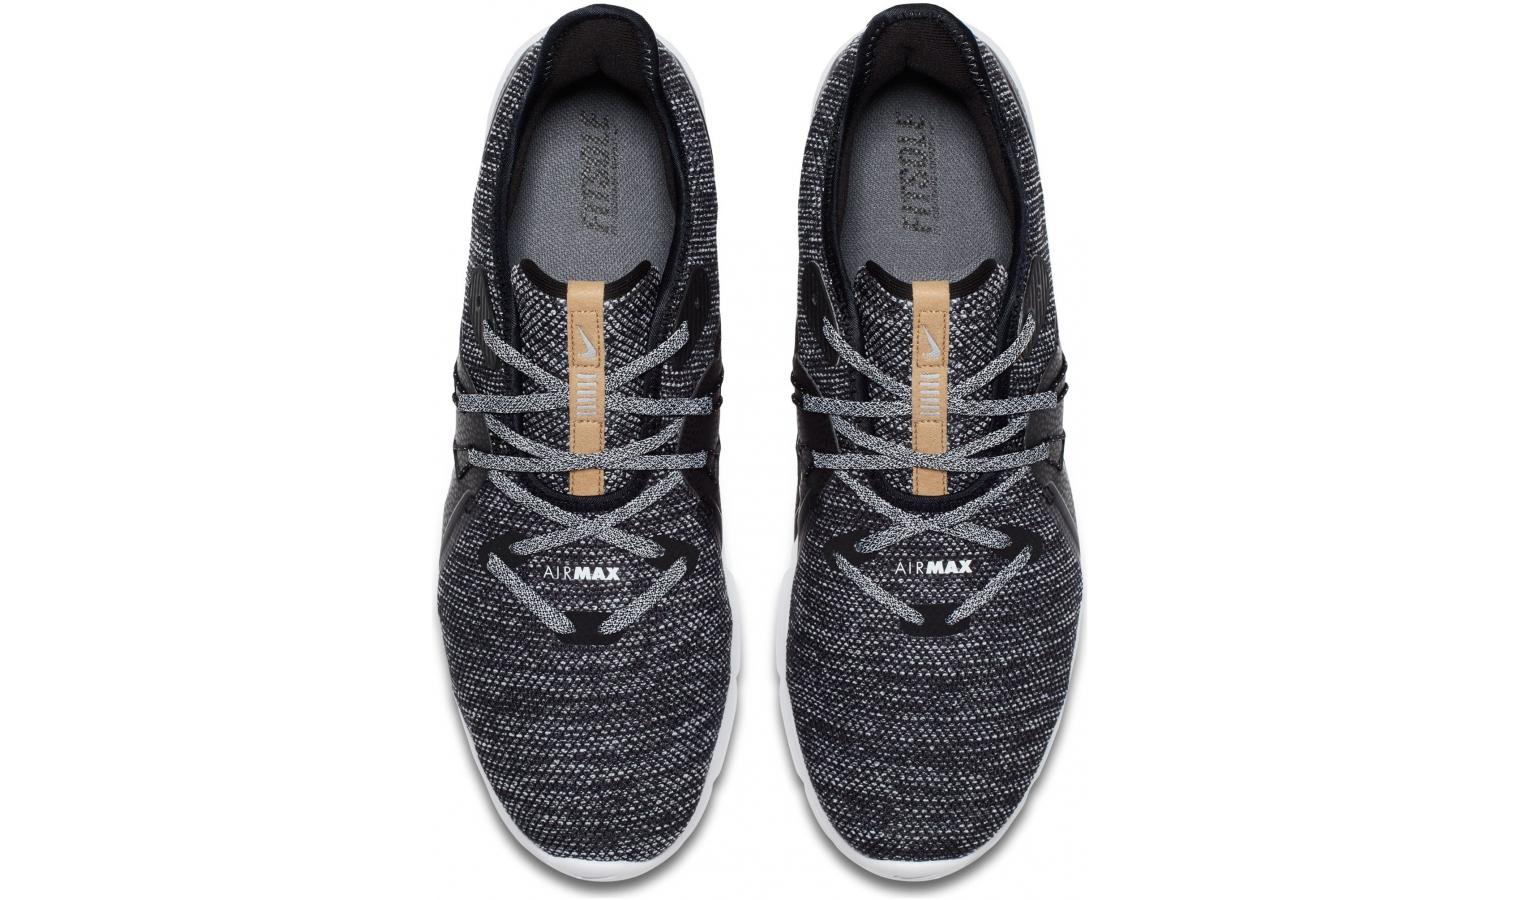 ... Pánské běžecké boty Nike AIR MAX SEQUENT 3 černé. Sleva 8de2ac588d